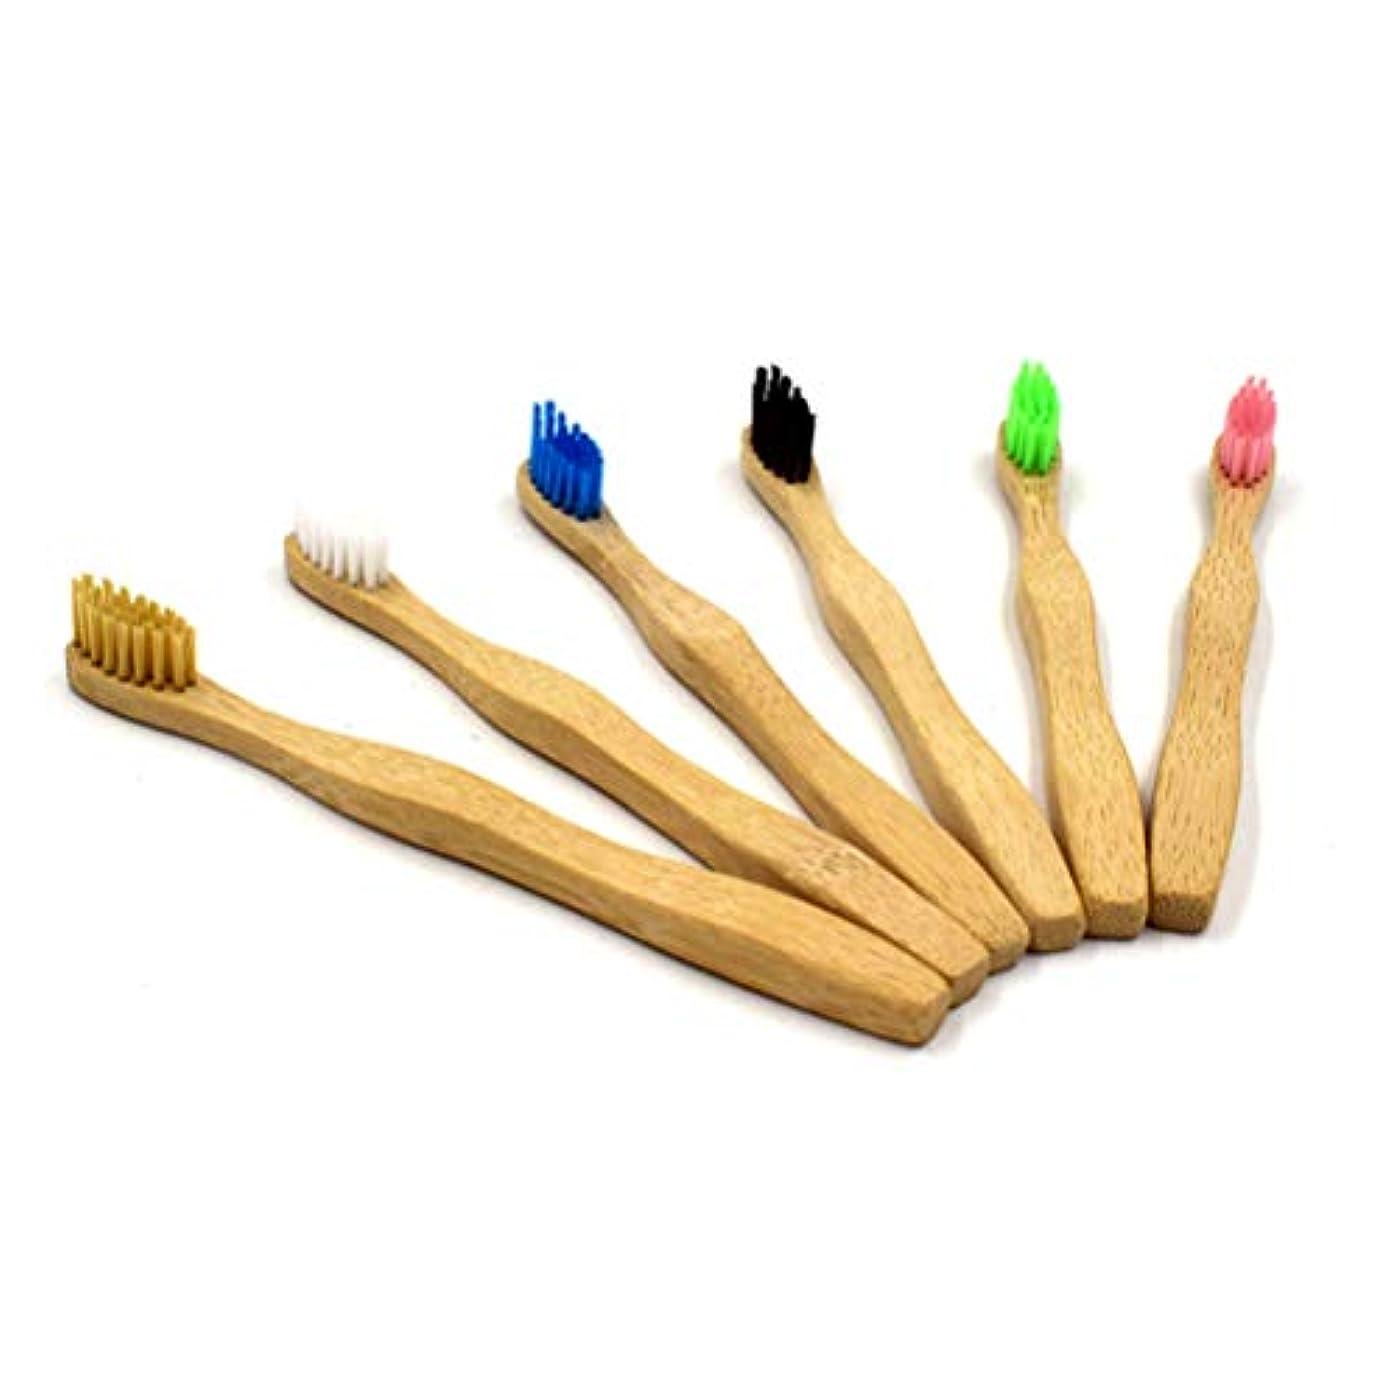 代わりの見捨てられた変換するSUPVOX 家族のための振られたハンドルが付いている自然なタケ歯ブラシの木の環境に優しい歯ブラシ8個